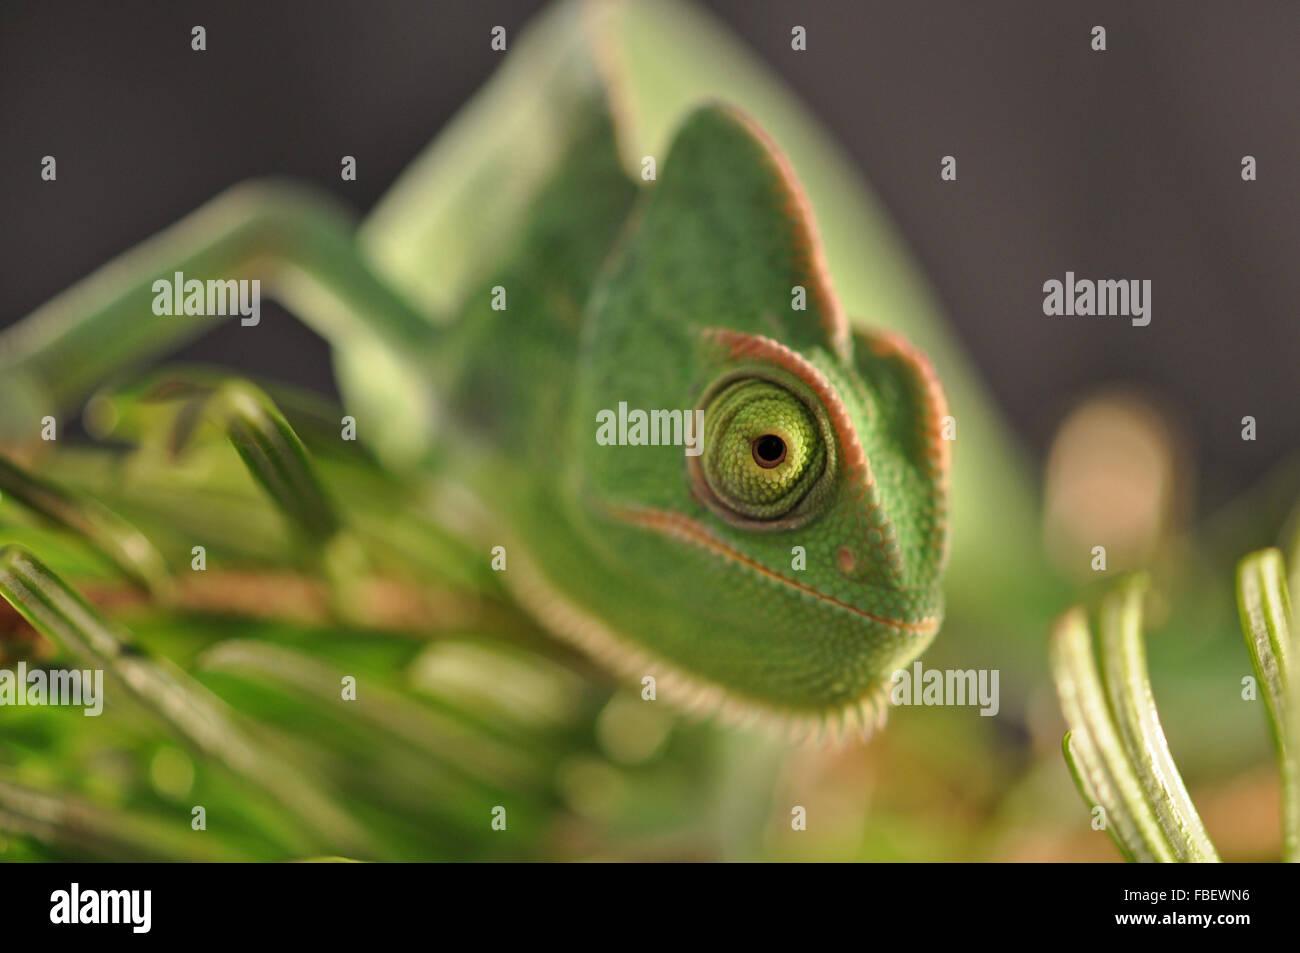 chameleon yemen - Stock Image